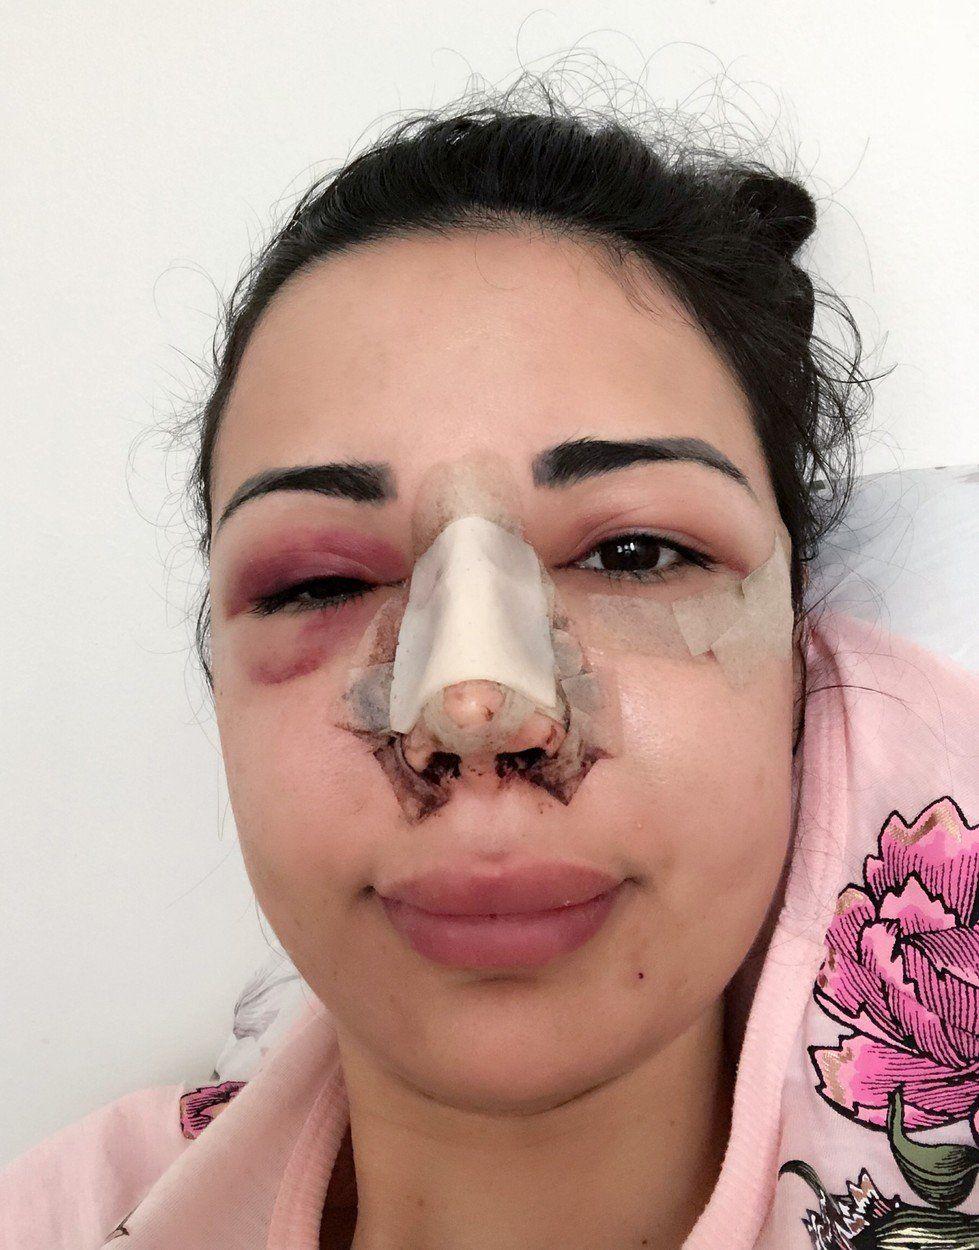 Kim kardashian hasonmás műtét nő brazil